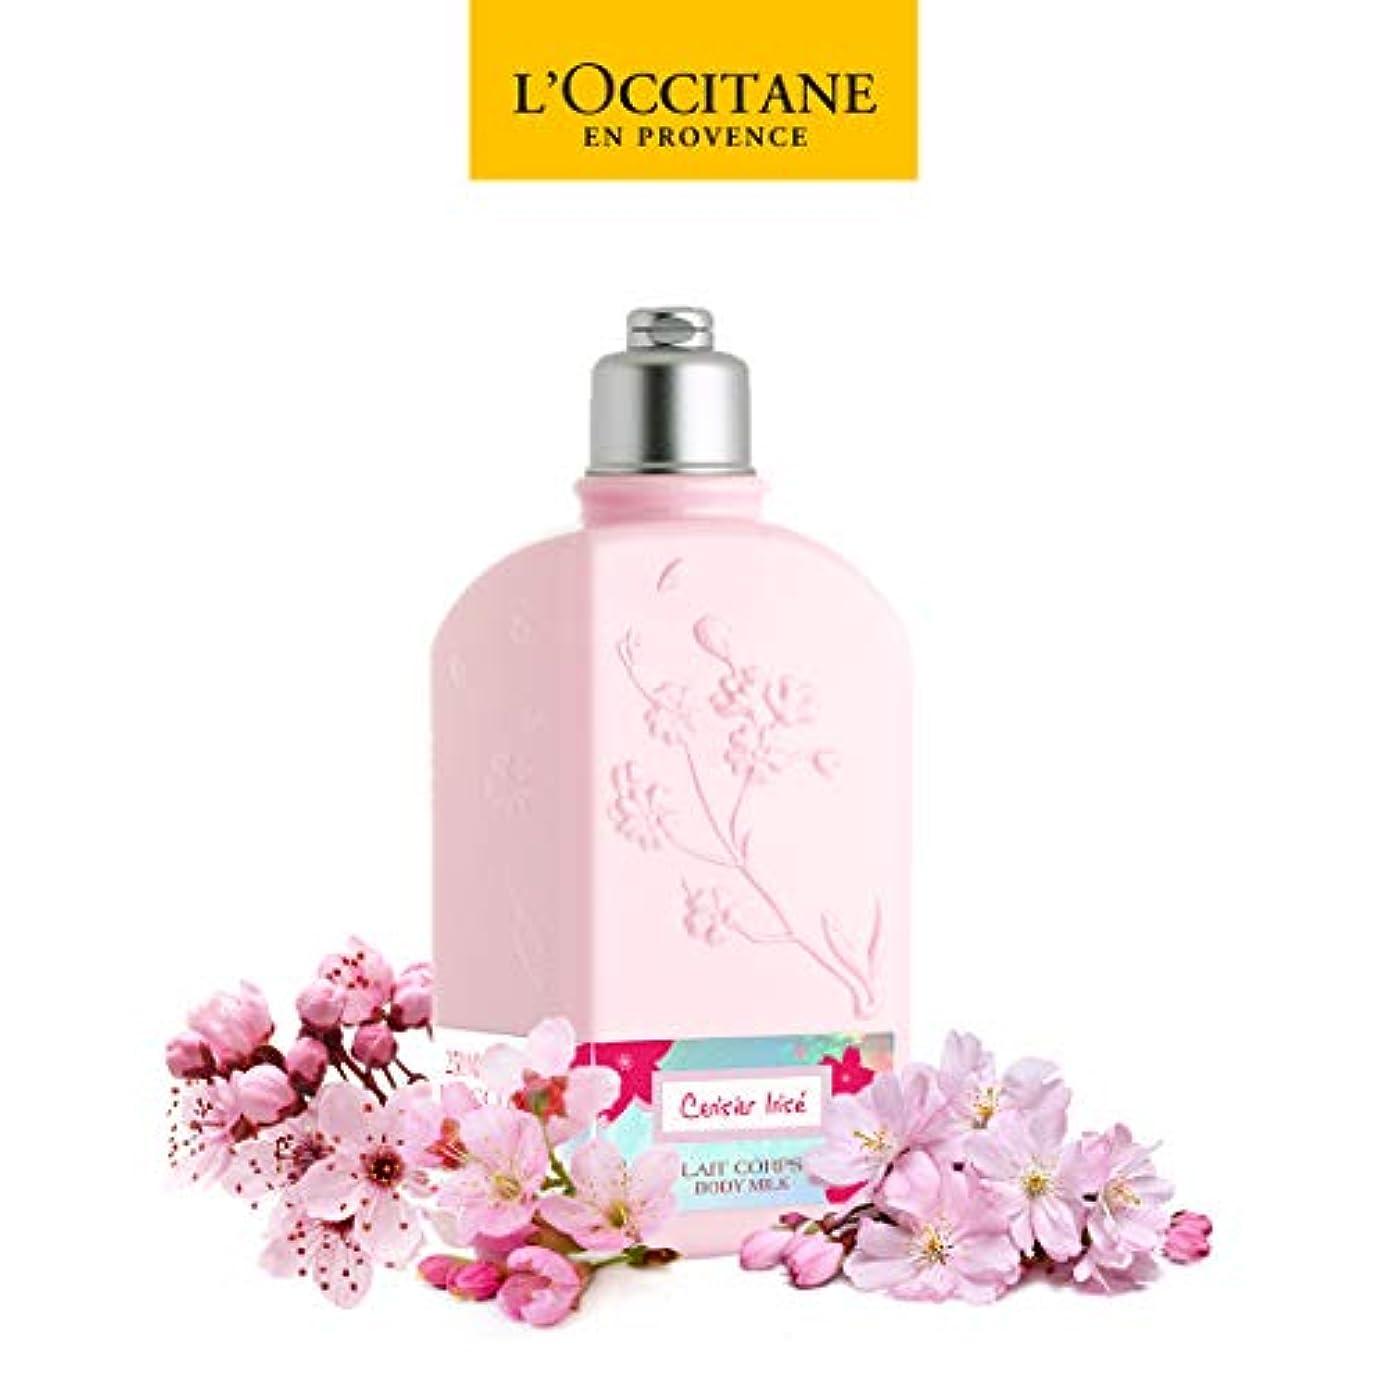 狂信者部屋を掃除する補助ロクシタン(L'OCCITANE) チェリープリズム ボディミルク 250ml